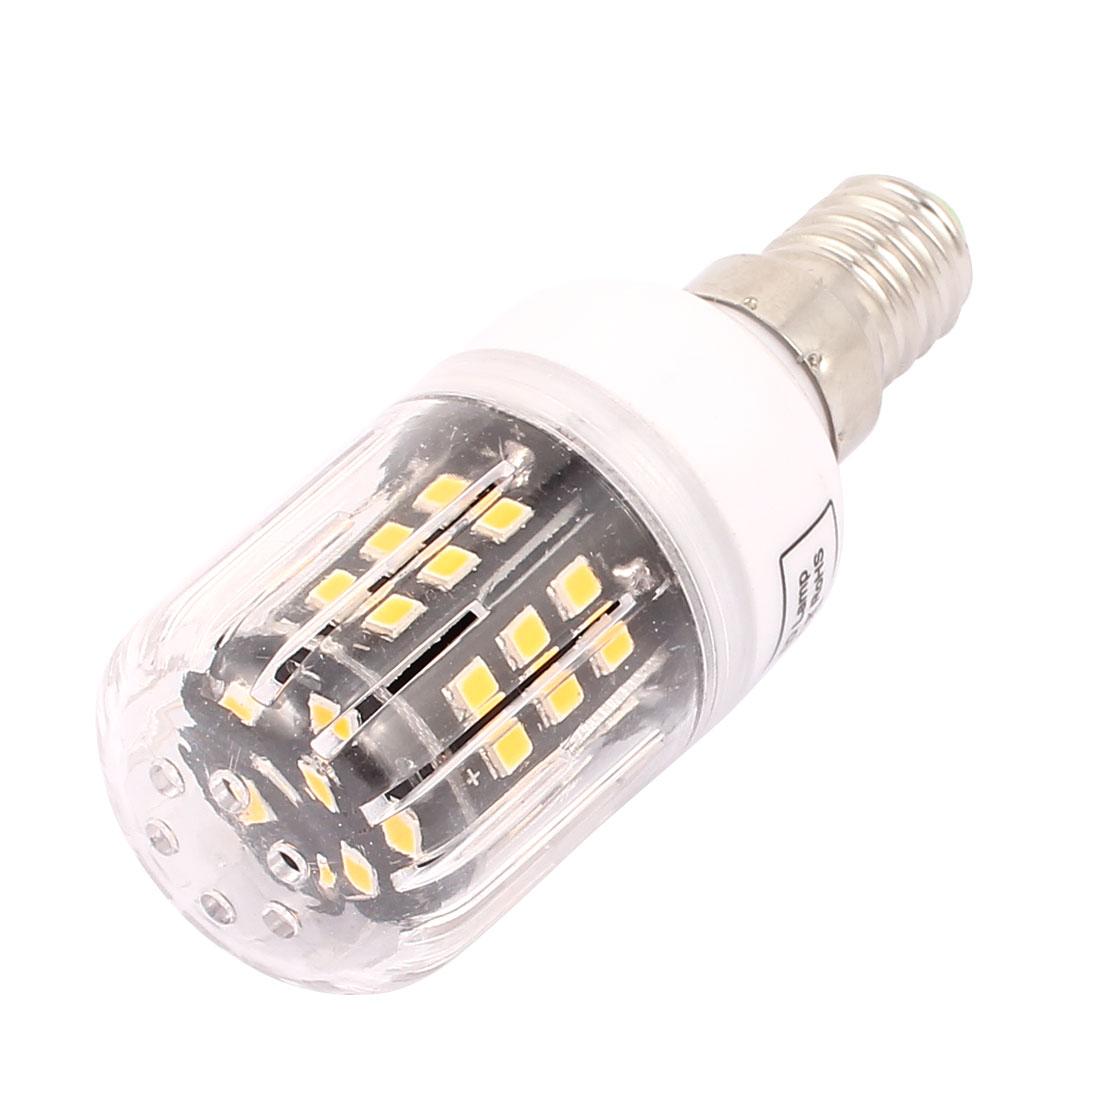 AC110V 3W 42 x 2835LED E14 Corn Bulb Light Lamp Energy Saving Warm White